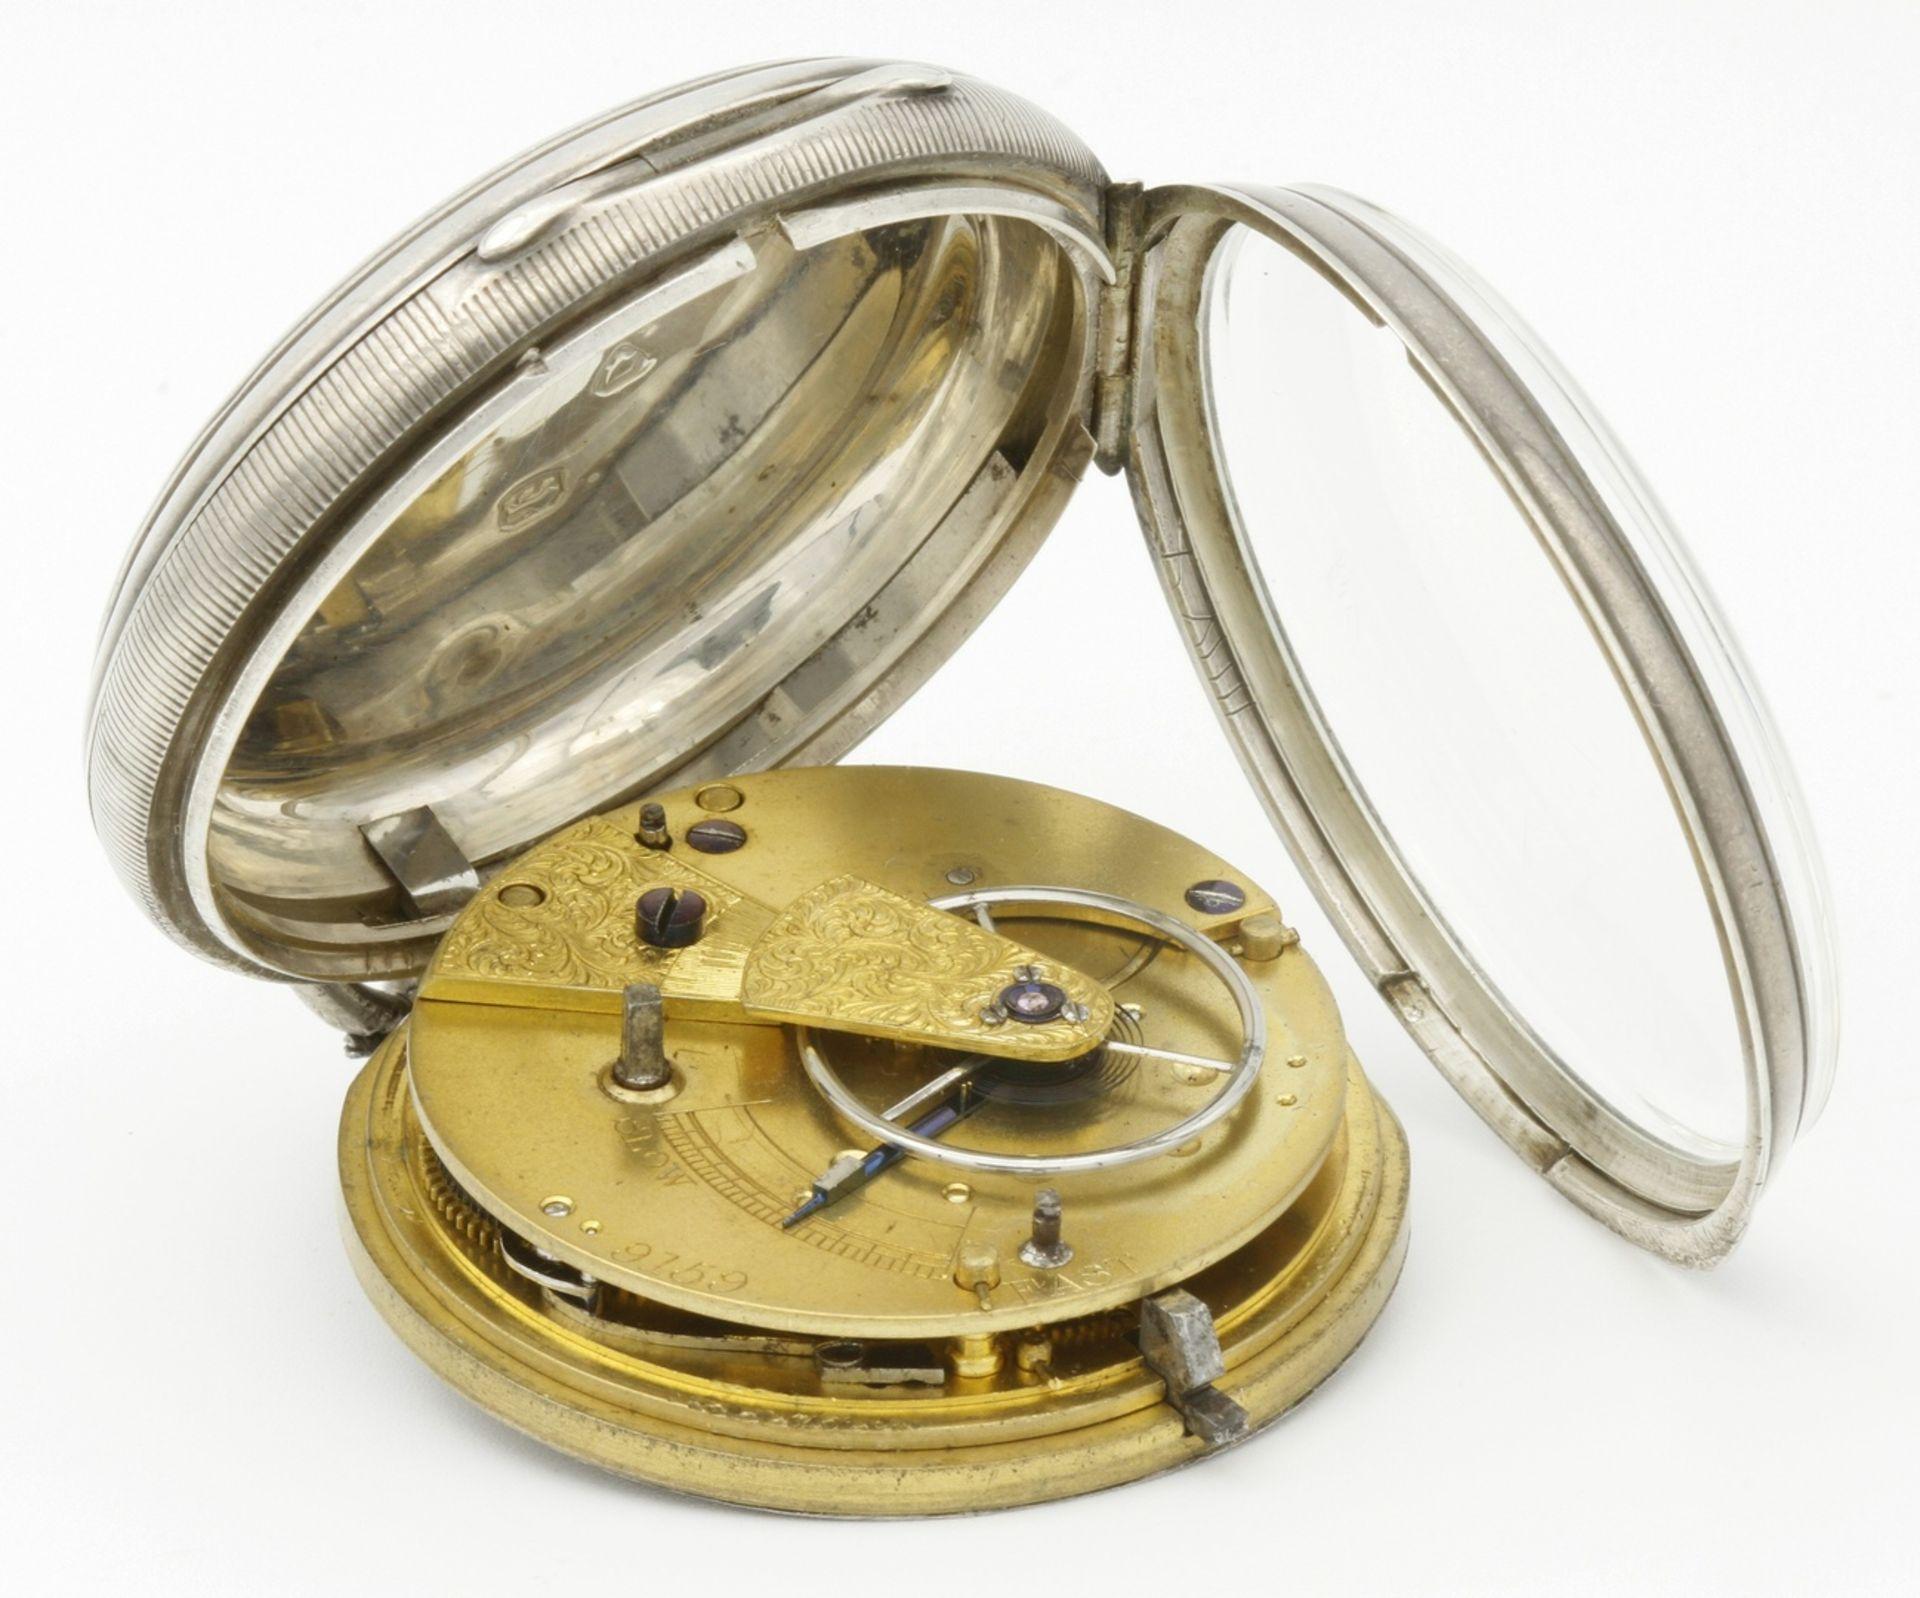 Aufwendig verzierte englische Silbertaschenuhr, um 1870 - Bild 6 aus 7